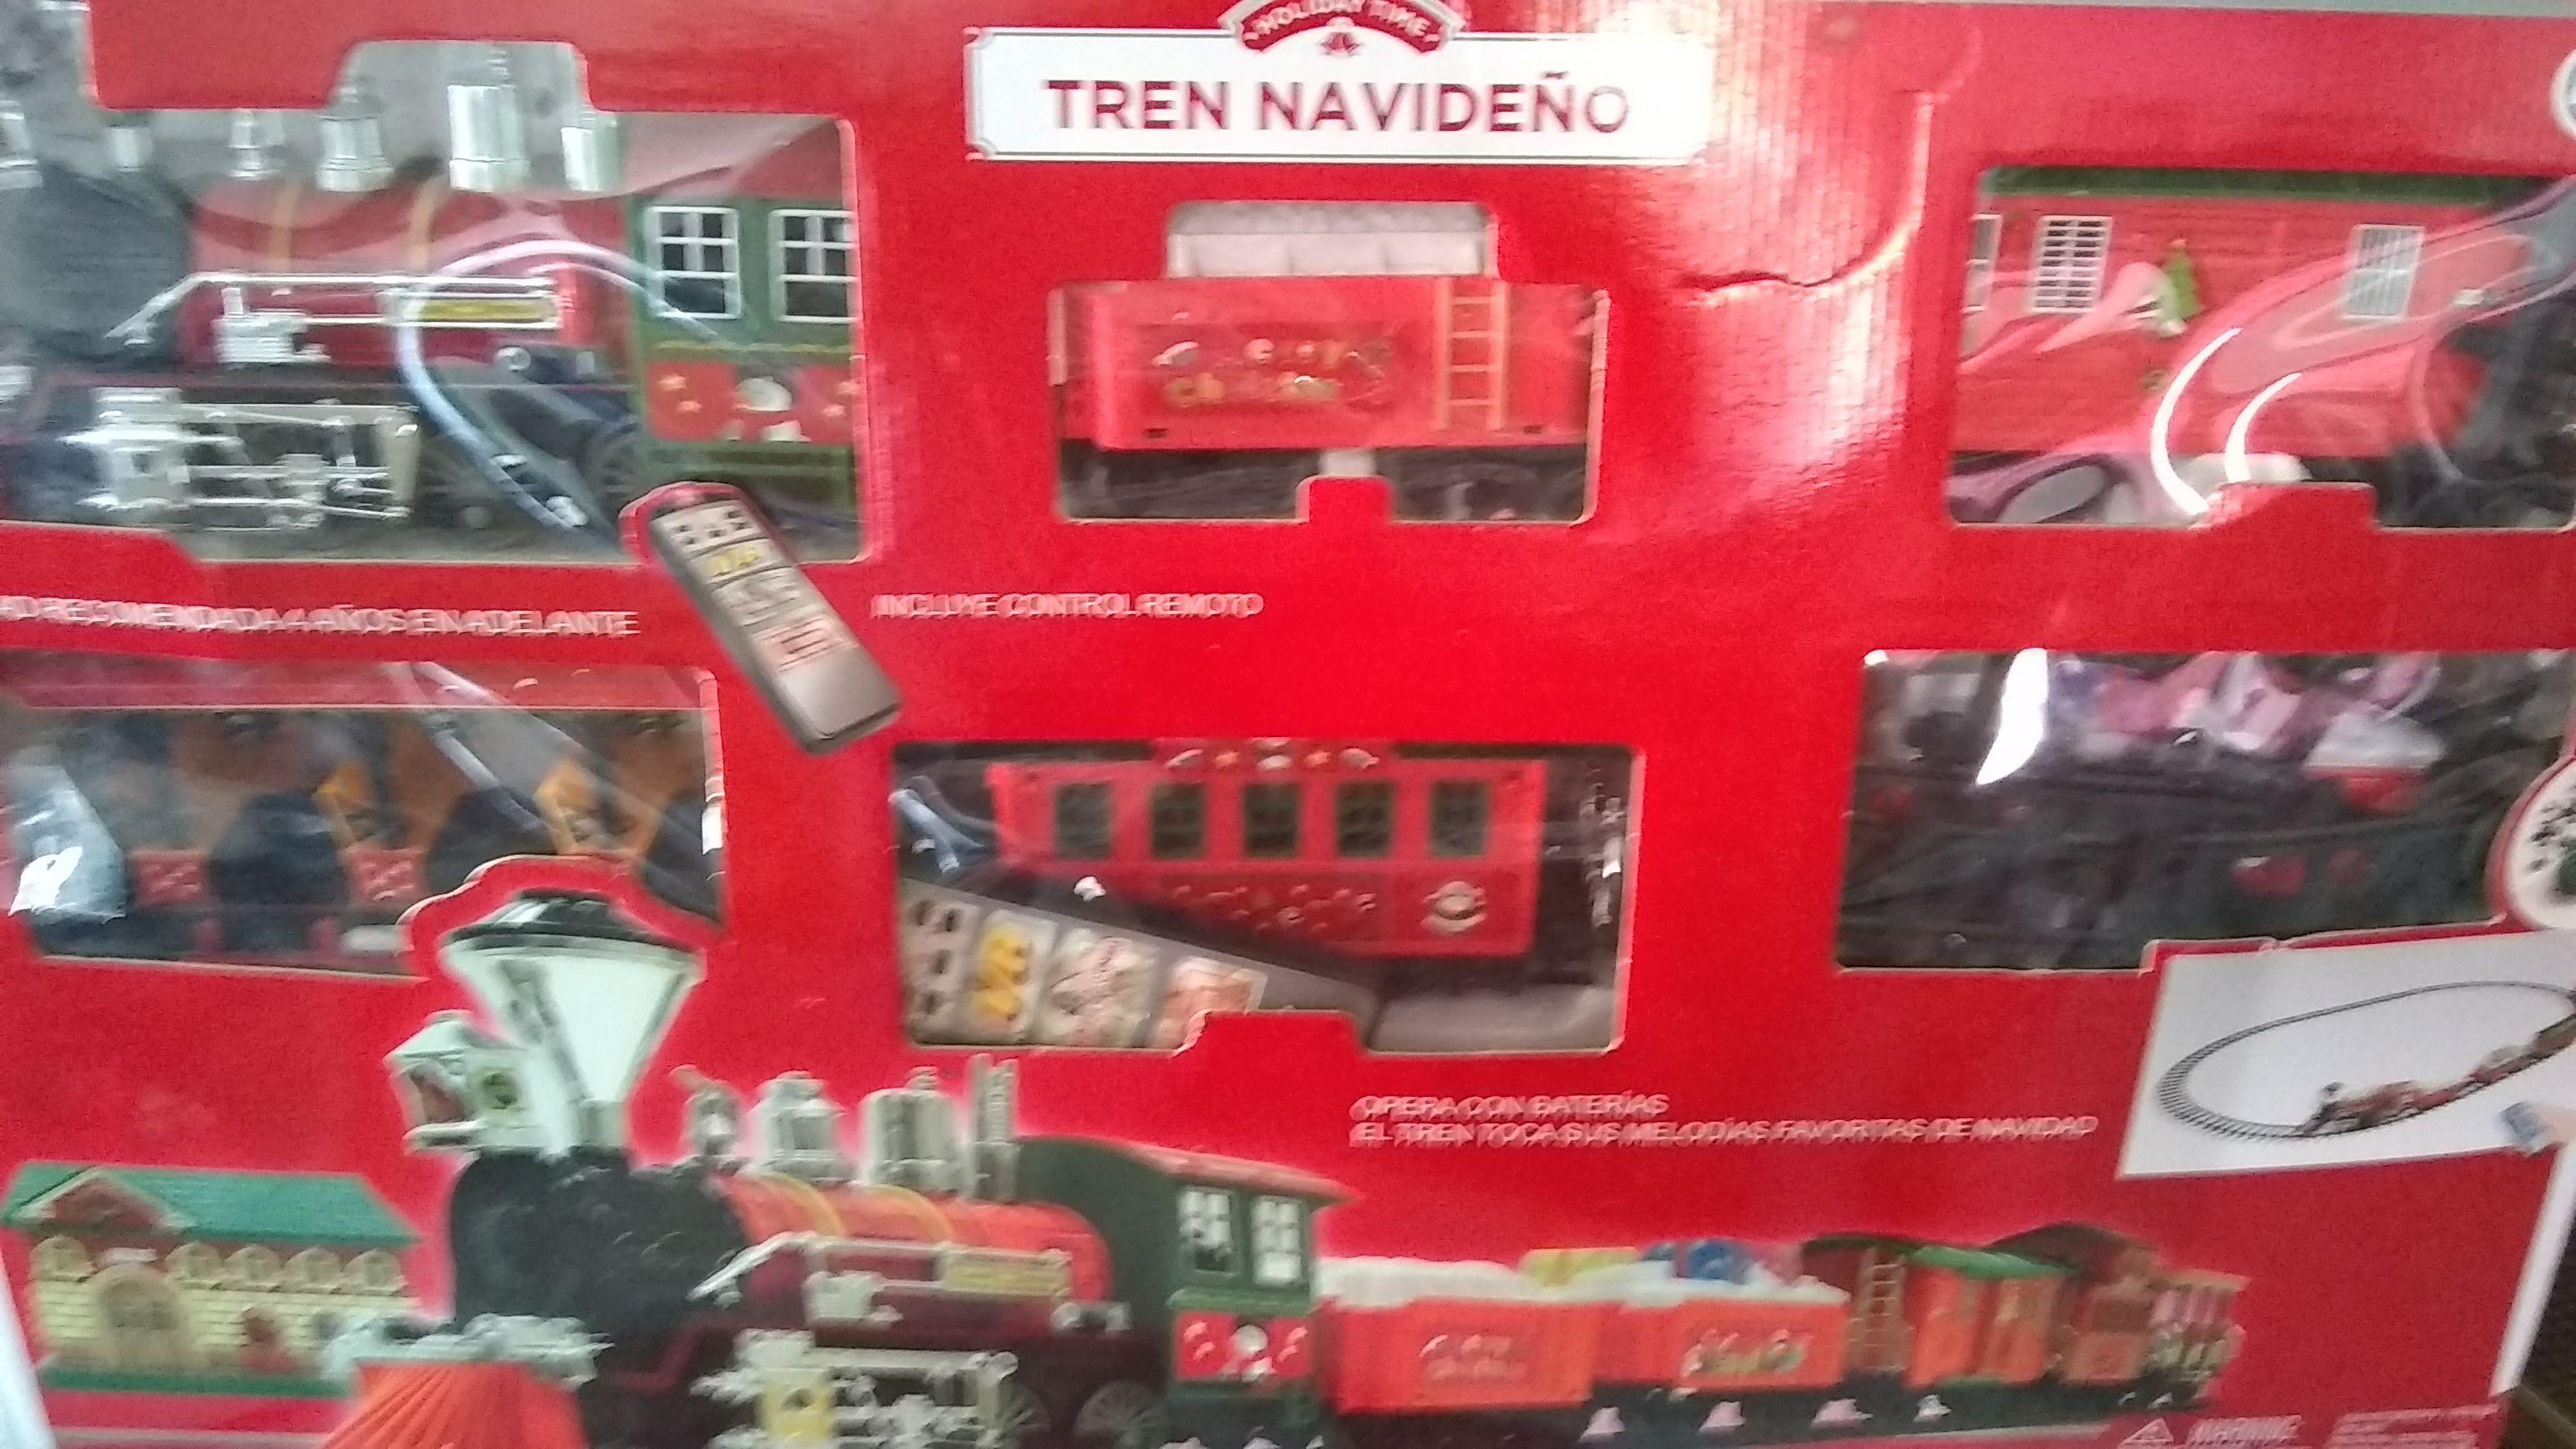 Walmart: Tren navideño, frazada y luces